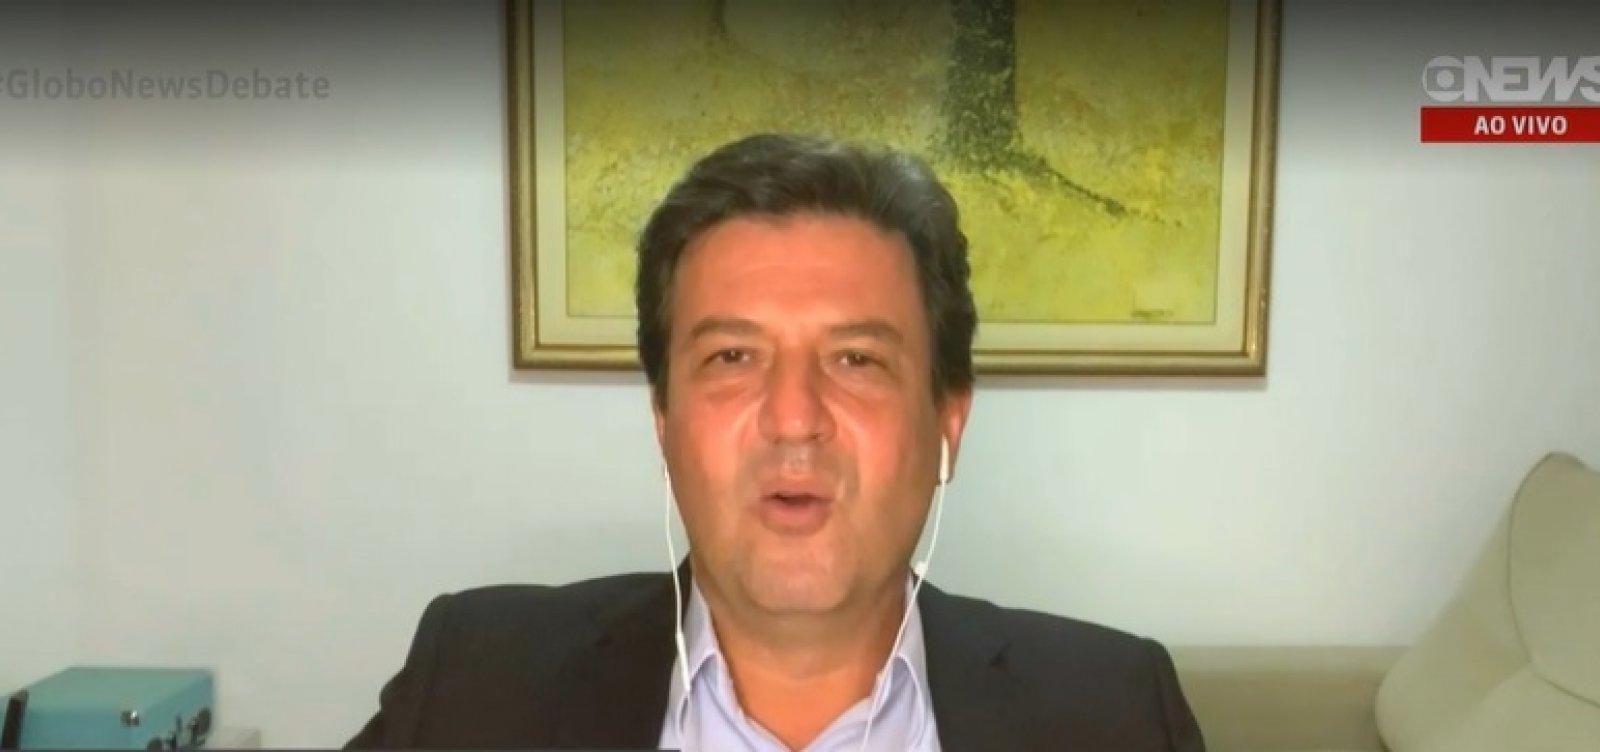 Se caminho for apoiar Bolsonaro, não estarei lá, diz Mandetta sobre fusão entre DEM e PSL